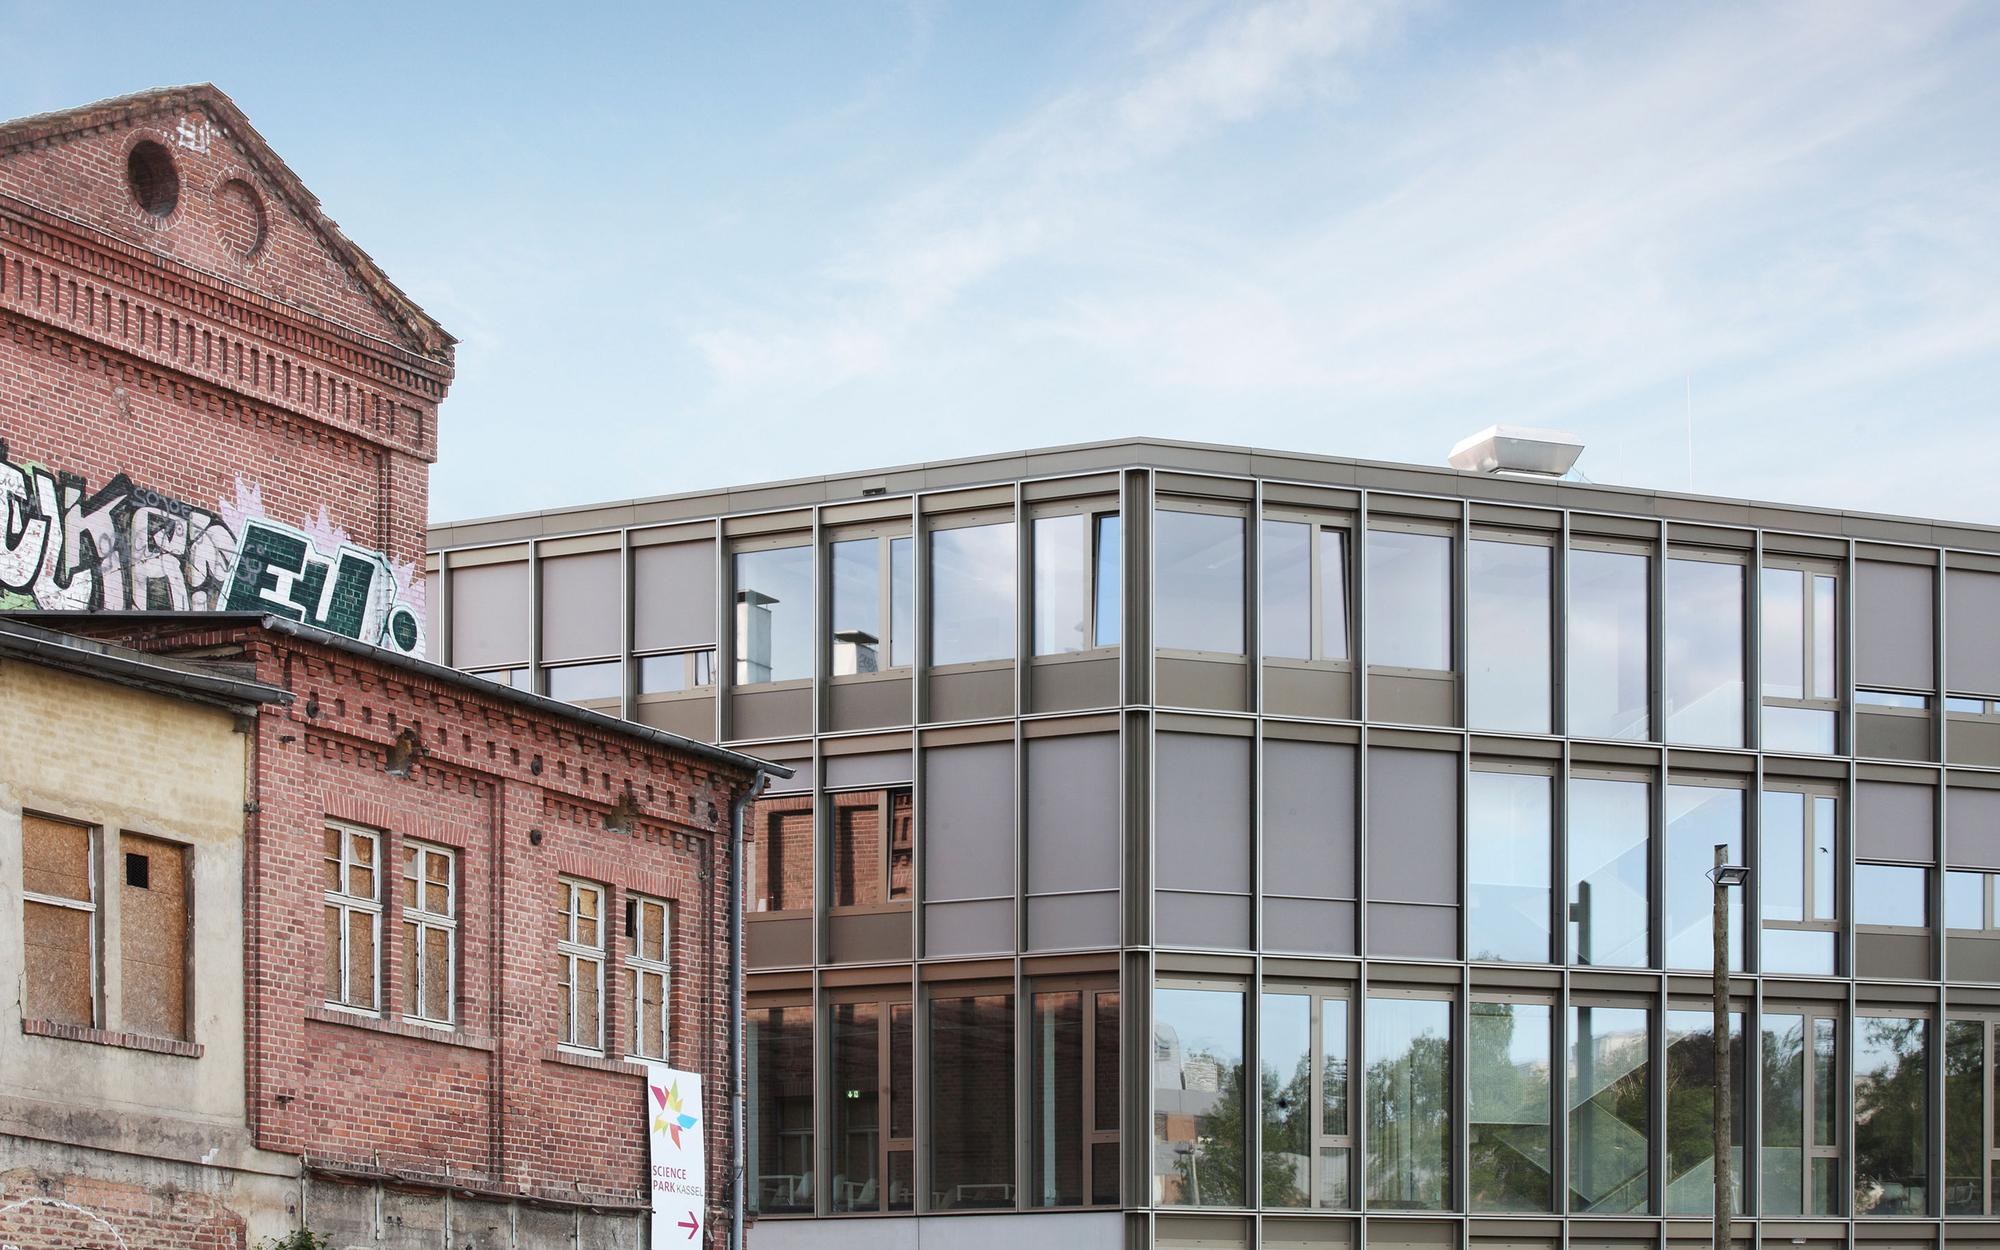 gallery of science park kassel birk heilmeyer und frenzel architekten 7. Black Bedroom Furniture Sets. Home Design Ideas